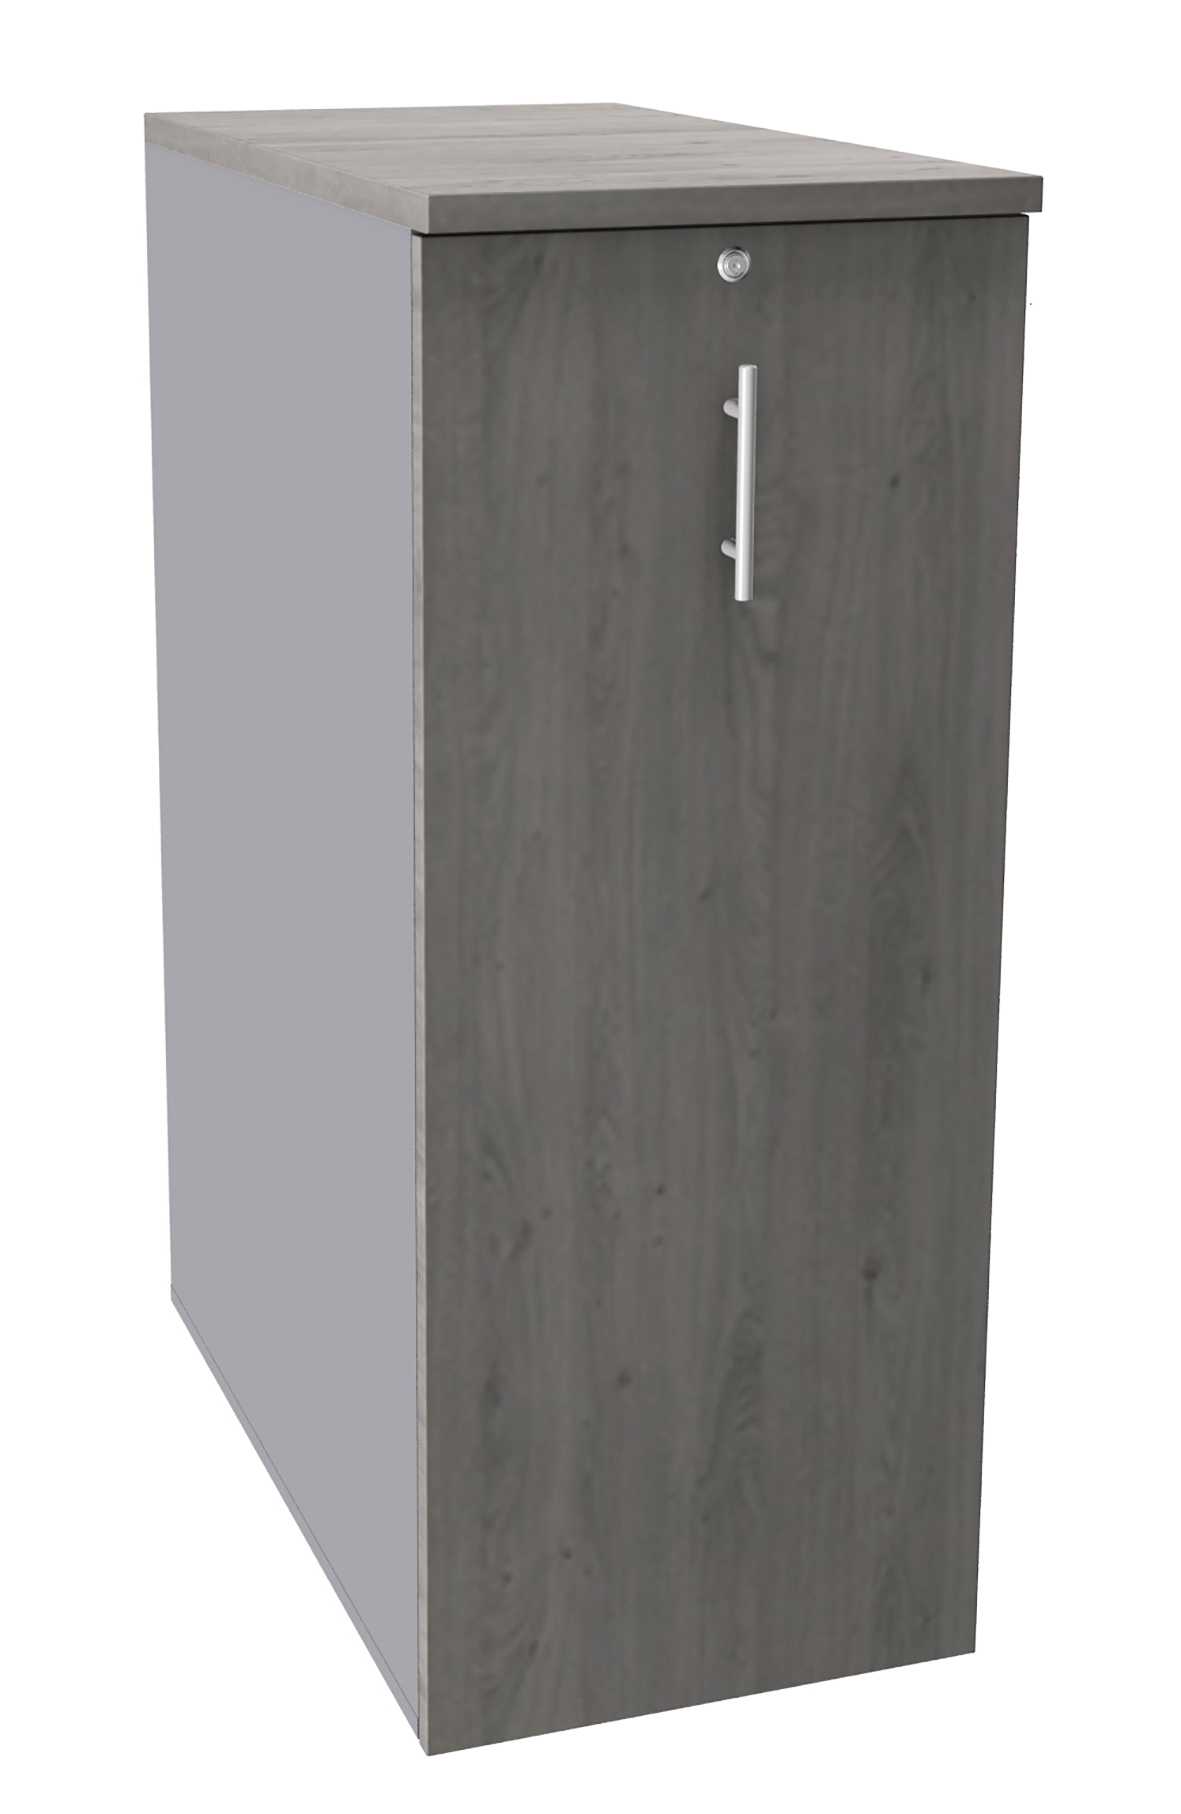 Caisson TOWER - L44 x H114 x P80 cm - 3 tablettes + 1 support DS réglable - structure alu - dessus et façade imitation chêne gris